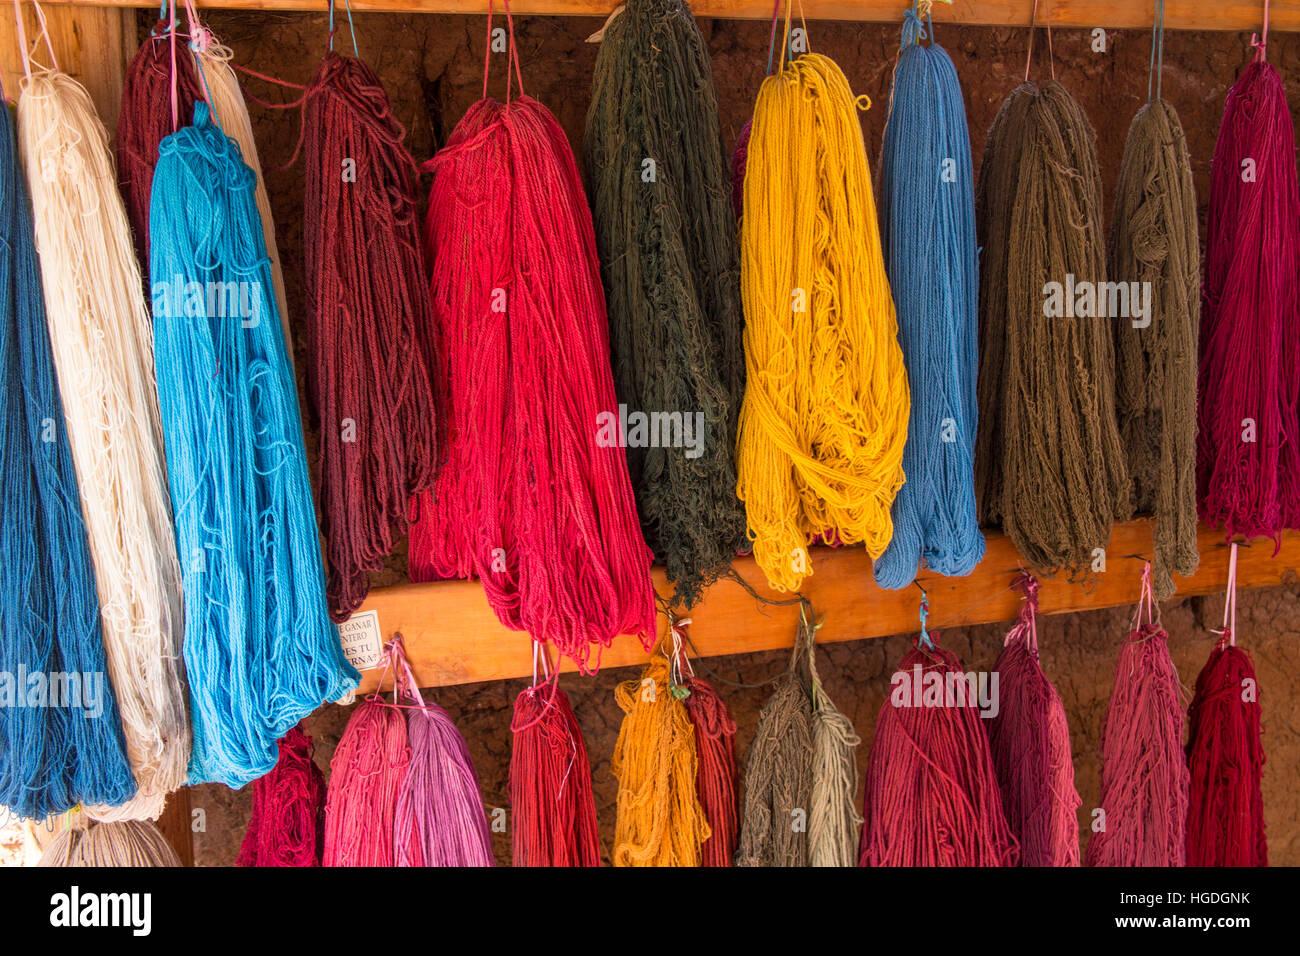 Donna cooperativa per la produzione di tessili, Immagini Stock